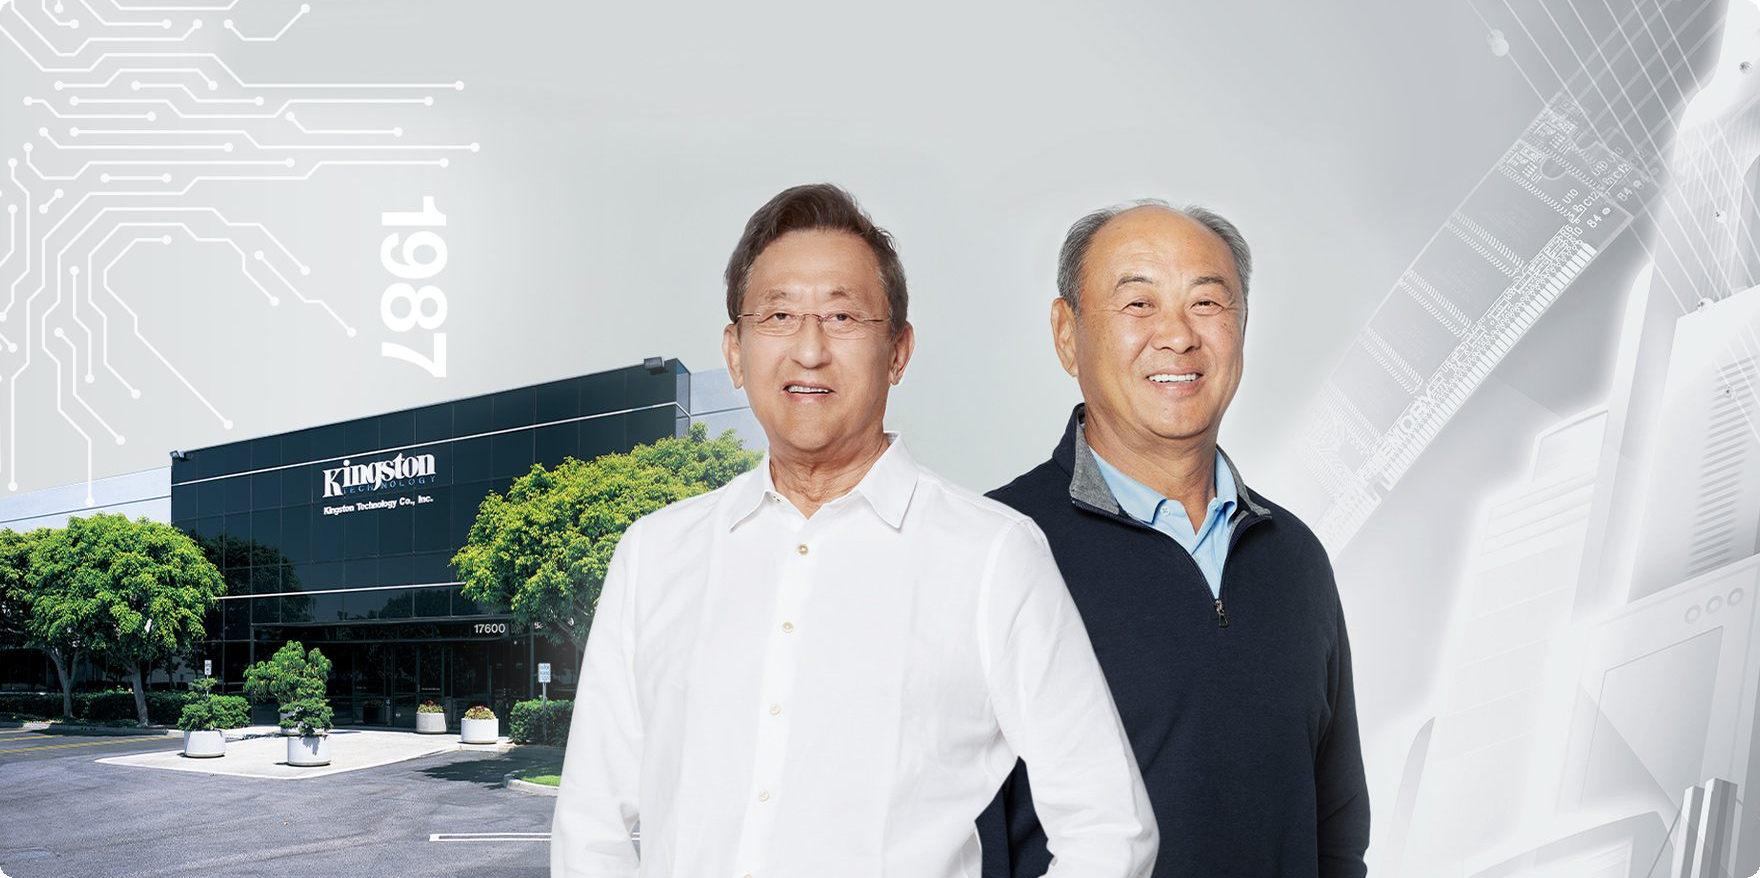 Kingston Company